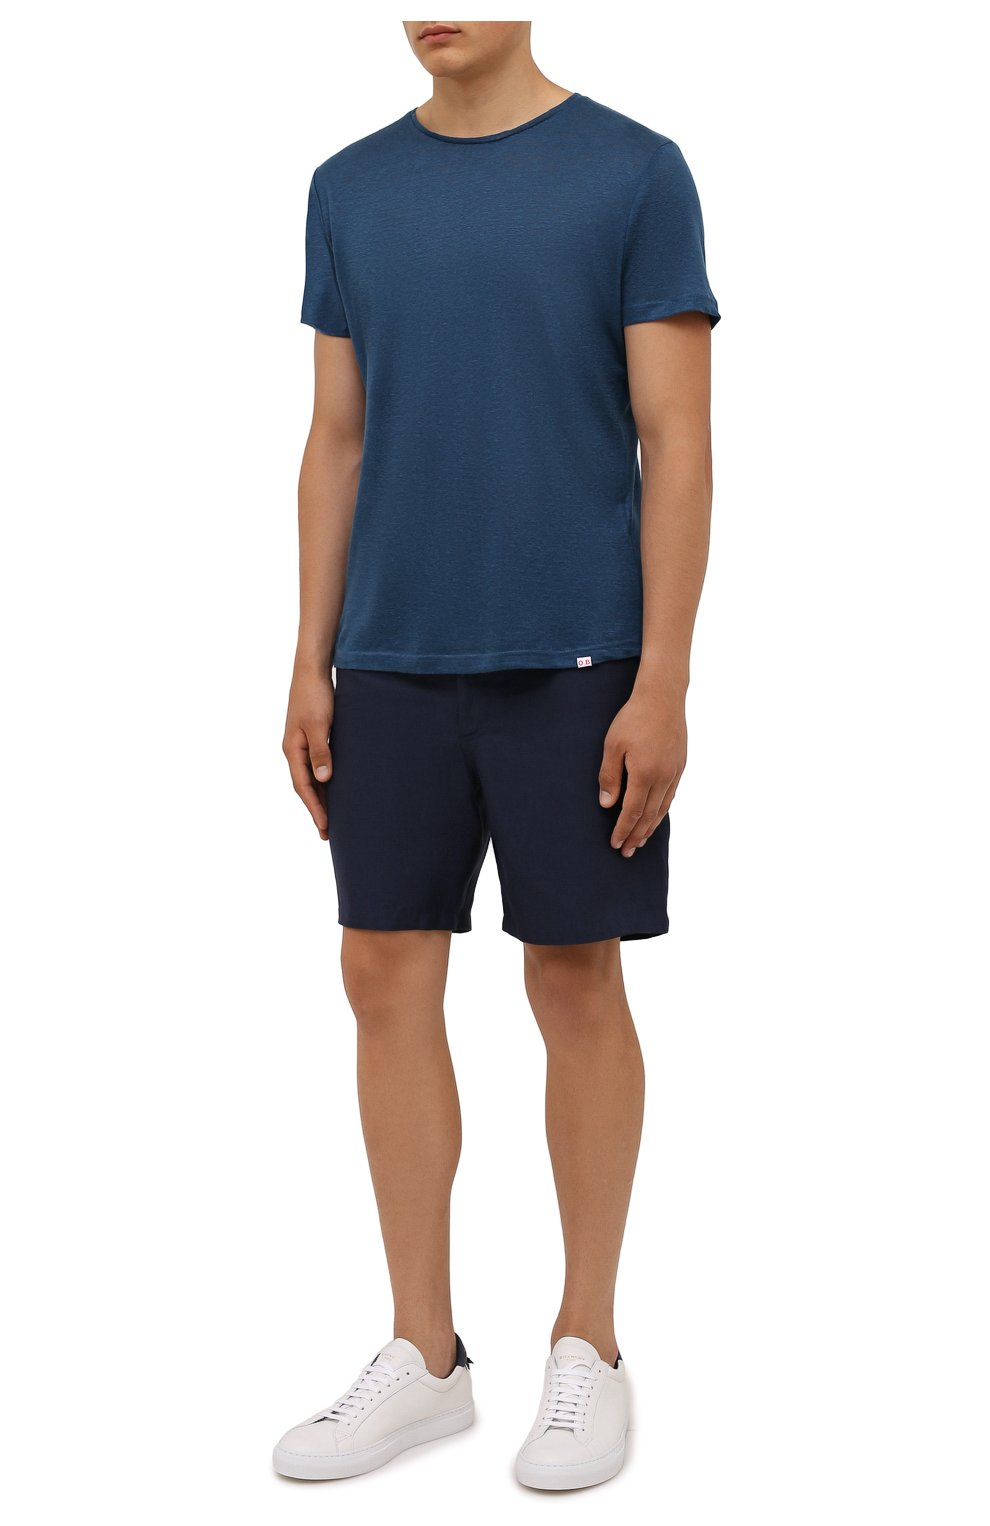 Мужская льняная футболка ORLEBAR BROWN темно-синего цвета, арт. 273700   Фото 2 (Кросс-КТ: Пляж; Принт: Без принта; Рукава: Короткие; Длина (для топов): Стандартные; Материал внешний: Лен; Стили: Кэжуэл)